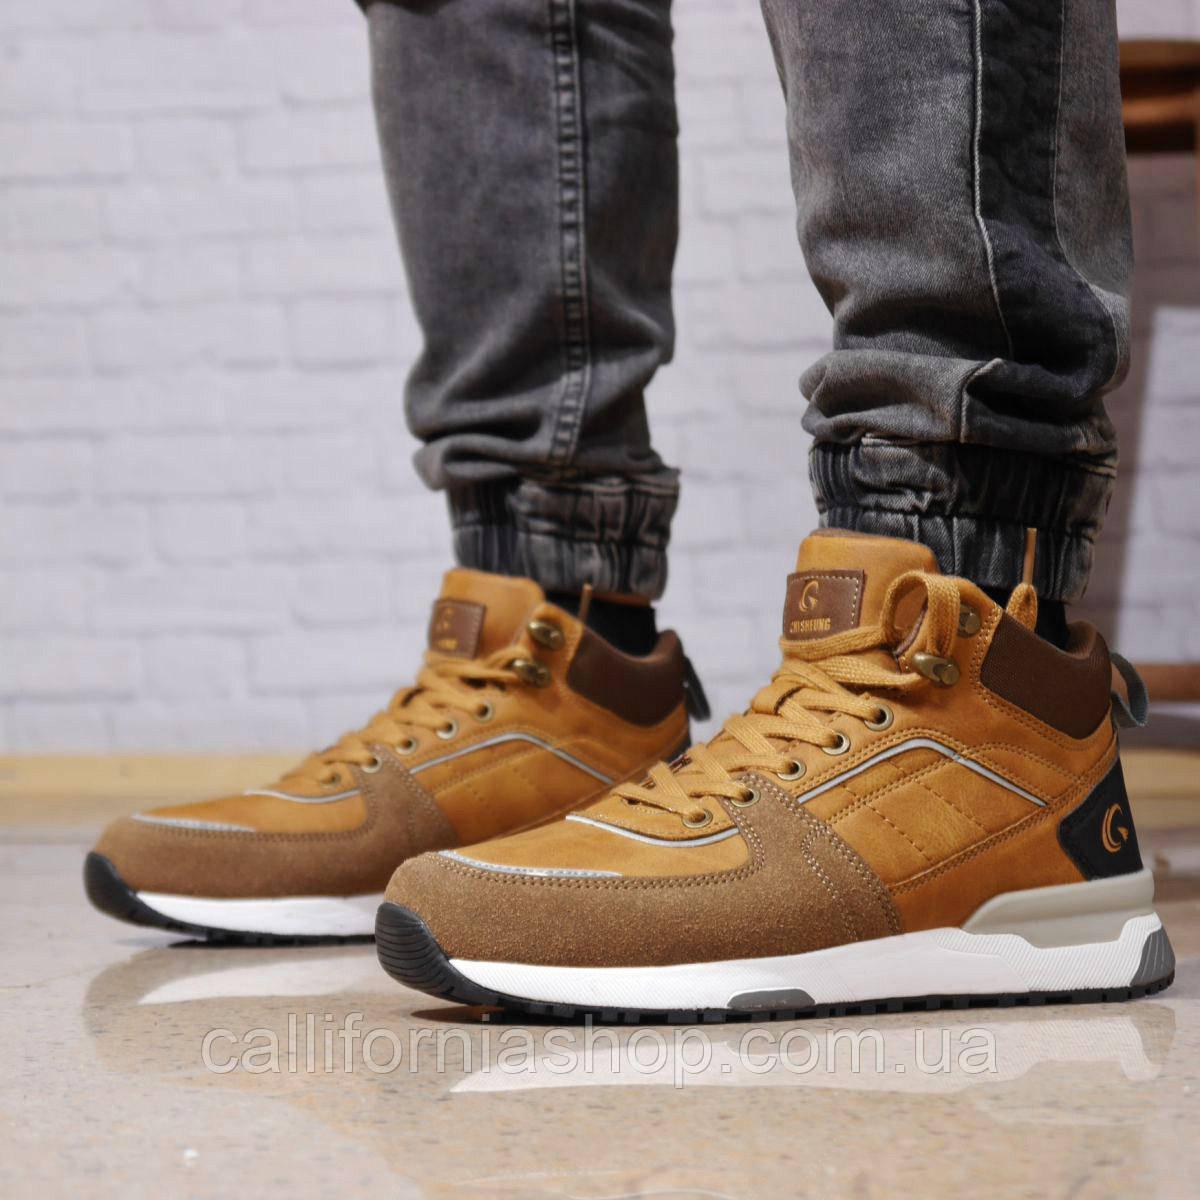 Зимние мужские кроссовки ботинки коричневого цвета высокие на меху кожа, замша